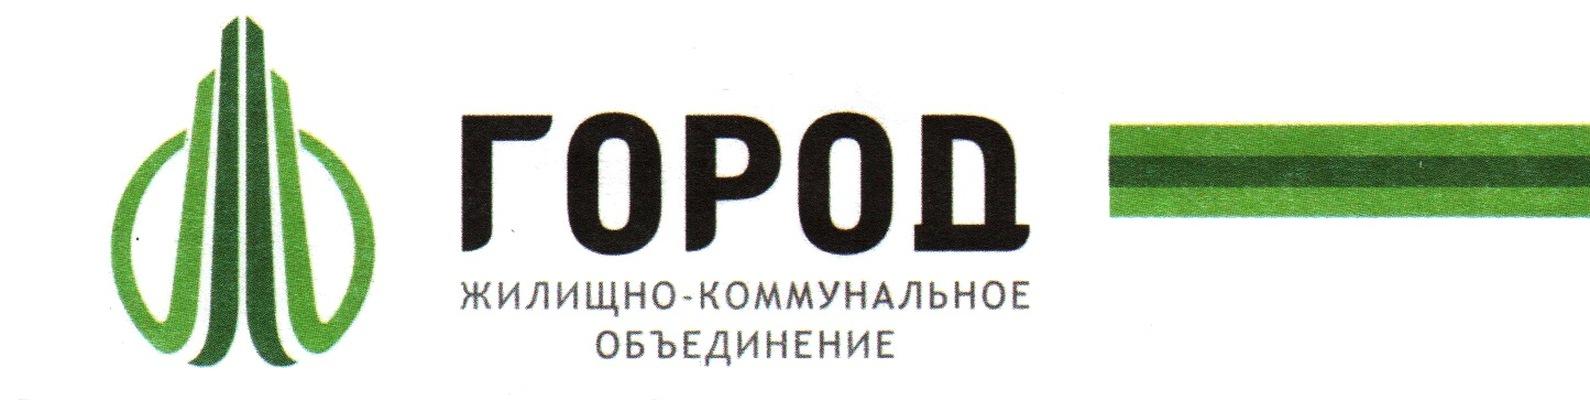 ЖКО Город, ООО